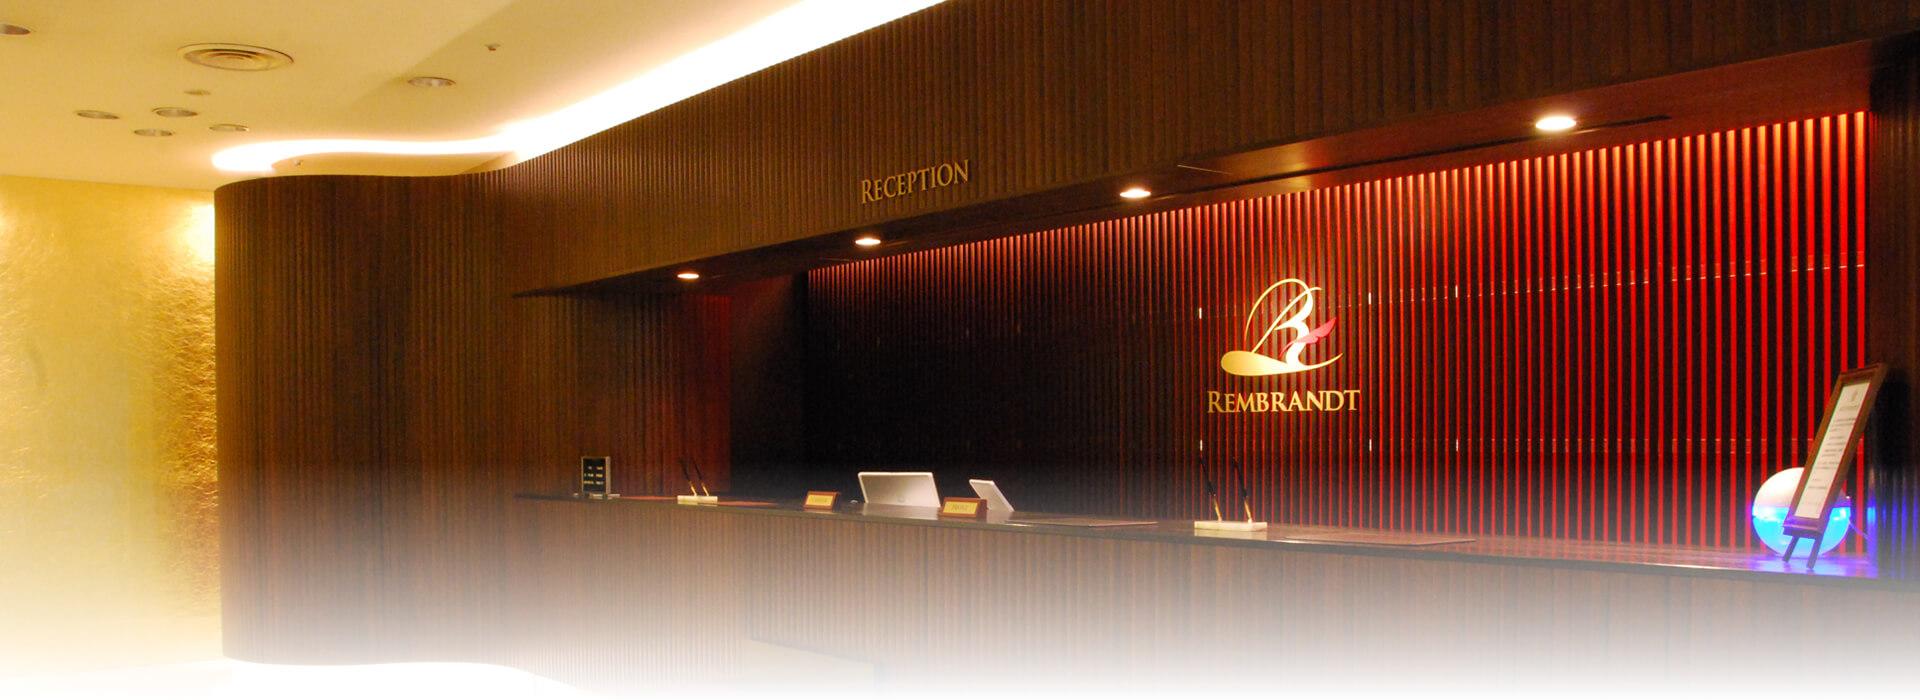 施設案内|レンブラントホテル厚木【公式】レンブラントグループホテル